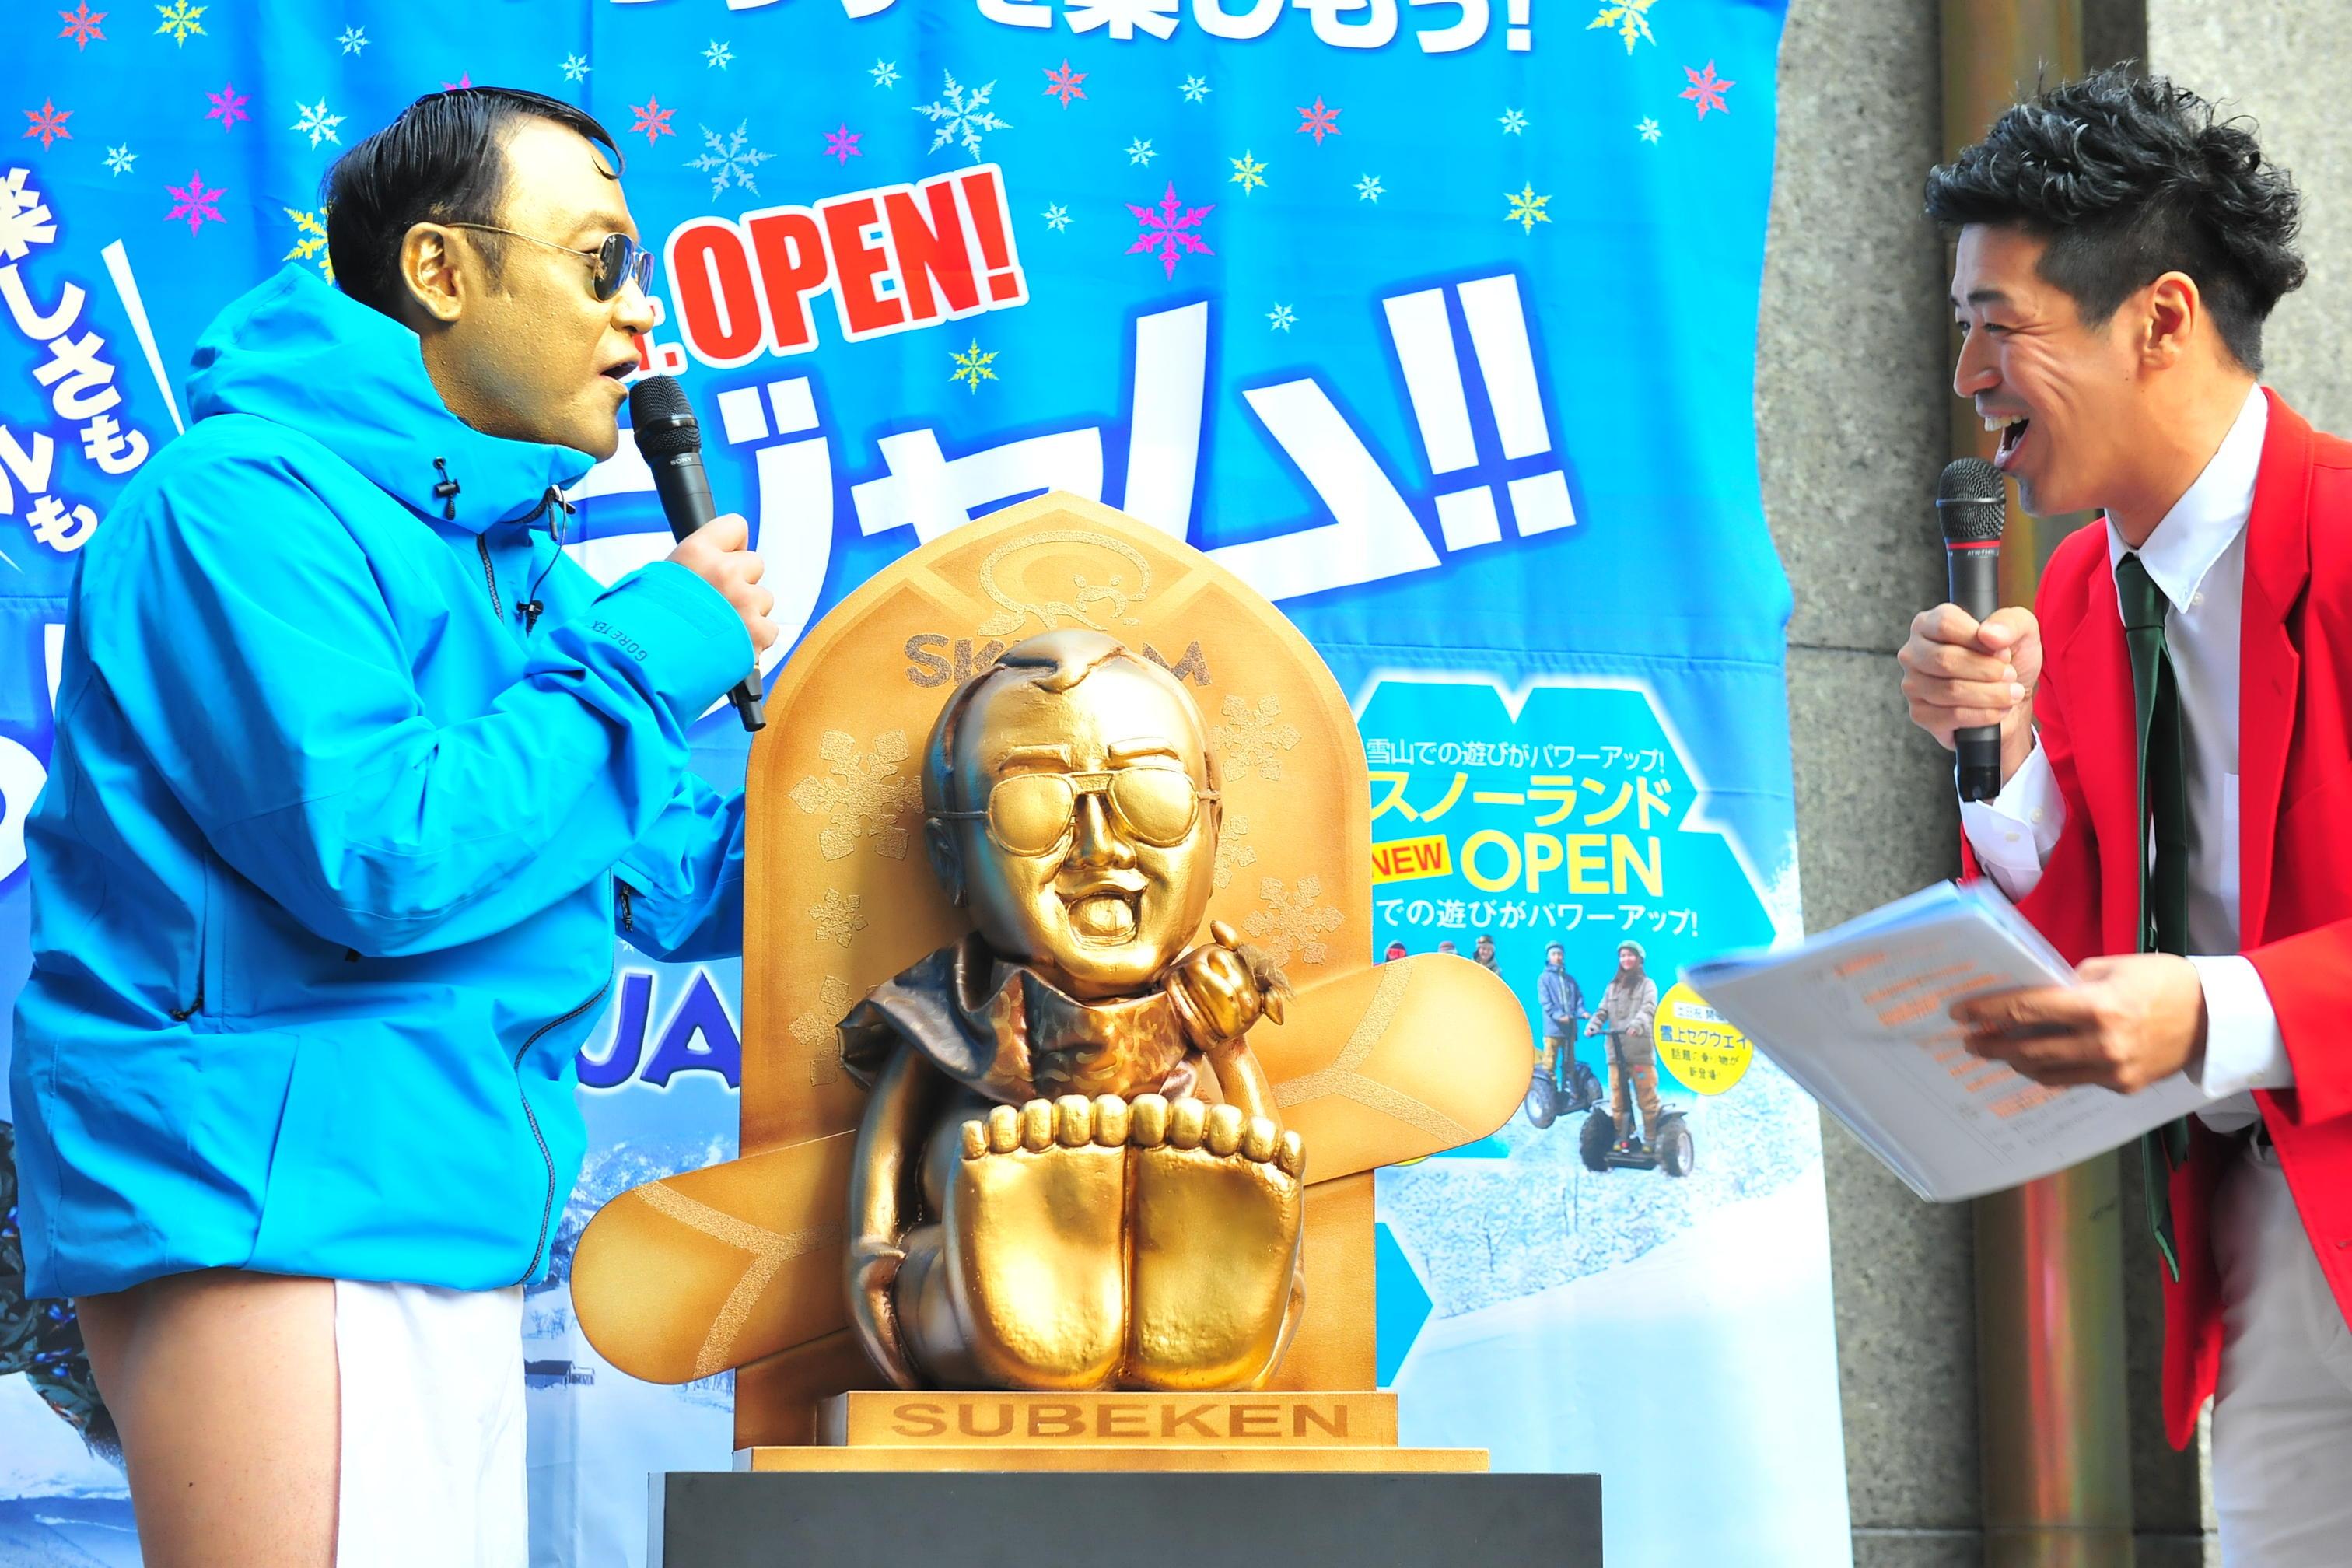 http://news.yoshimoto.co.jp/20151130193546-8f38e550b14d81d26d9c12f0bf42c7128074fa50.jpg